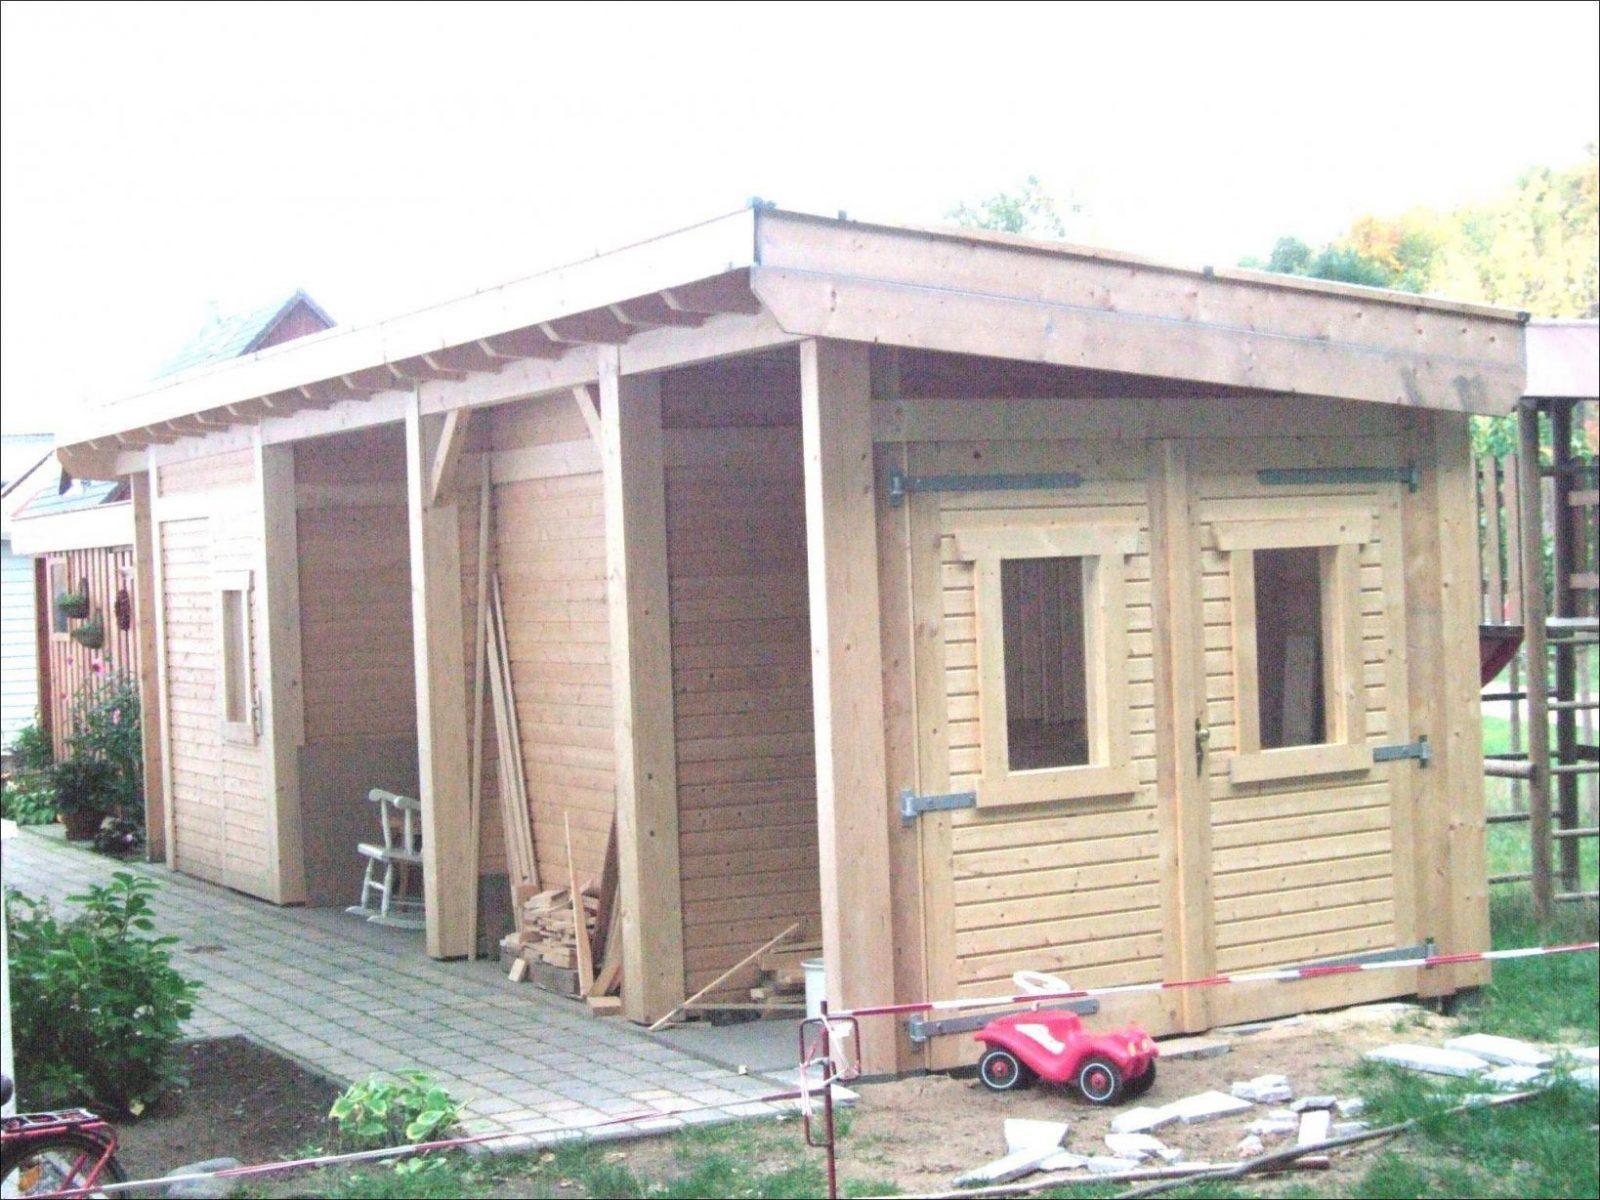 Pultdach Gartenhaus Selber Bauen Ideen Gartenhaus Fenster Selber Für von Gartenhaus Selber Bauen Video Photo